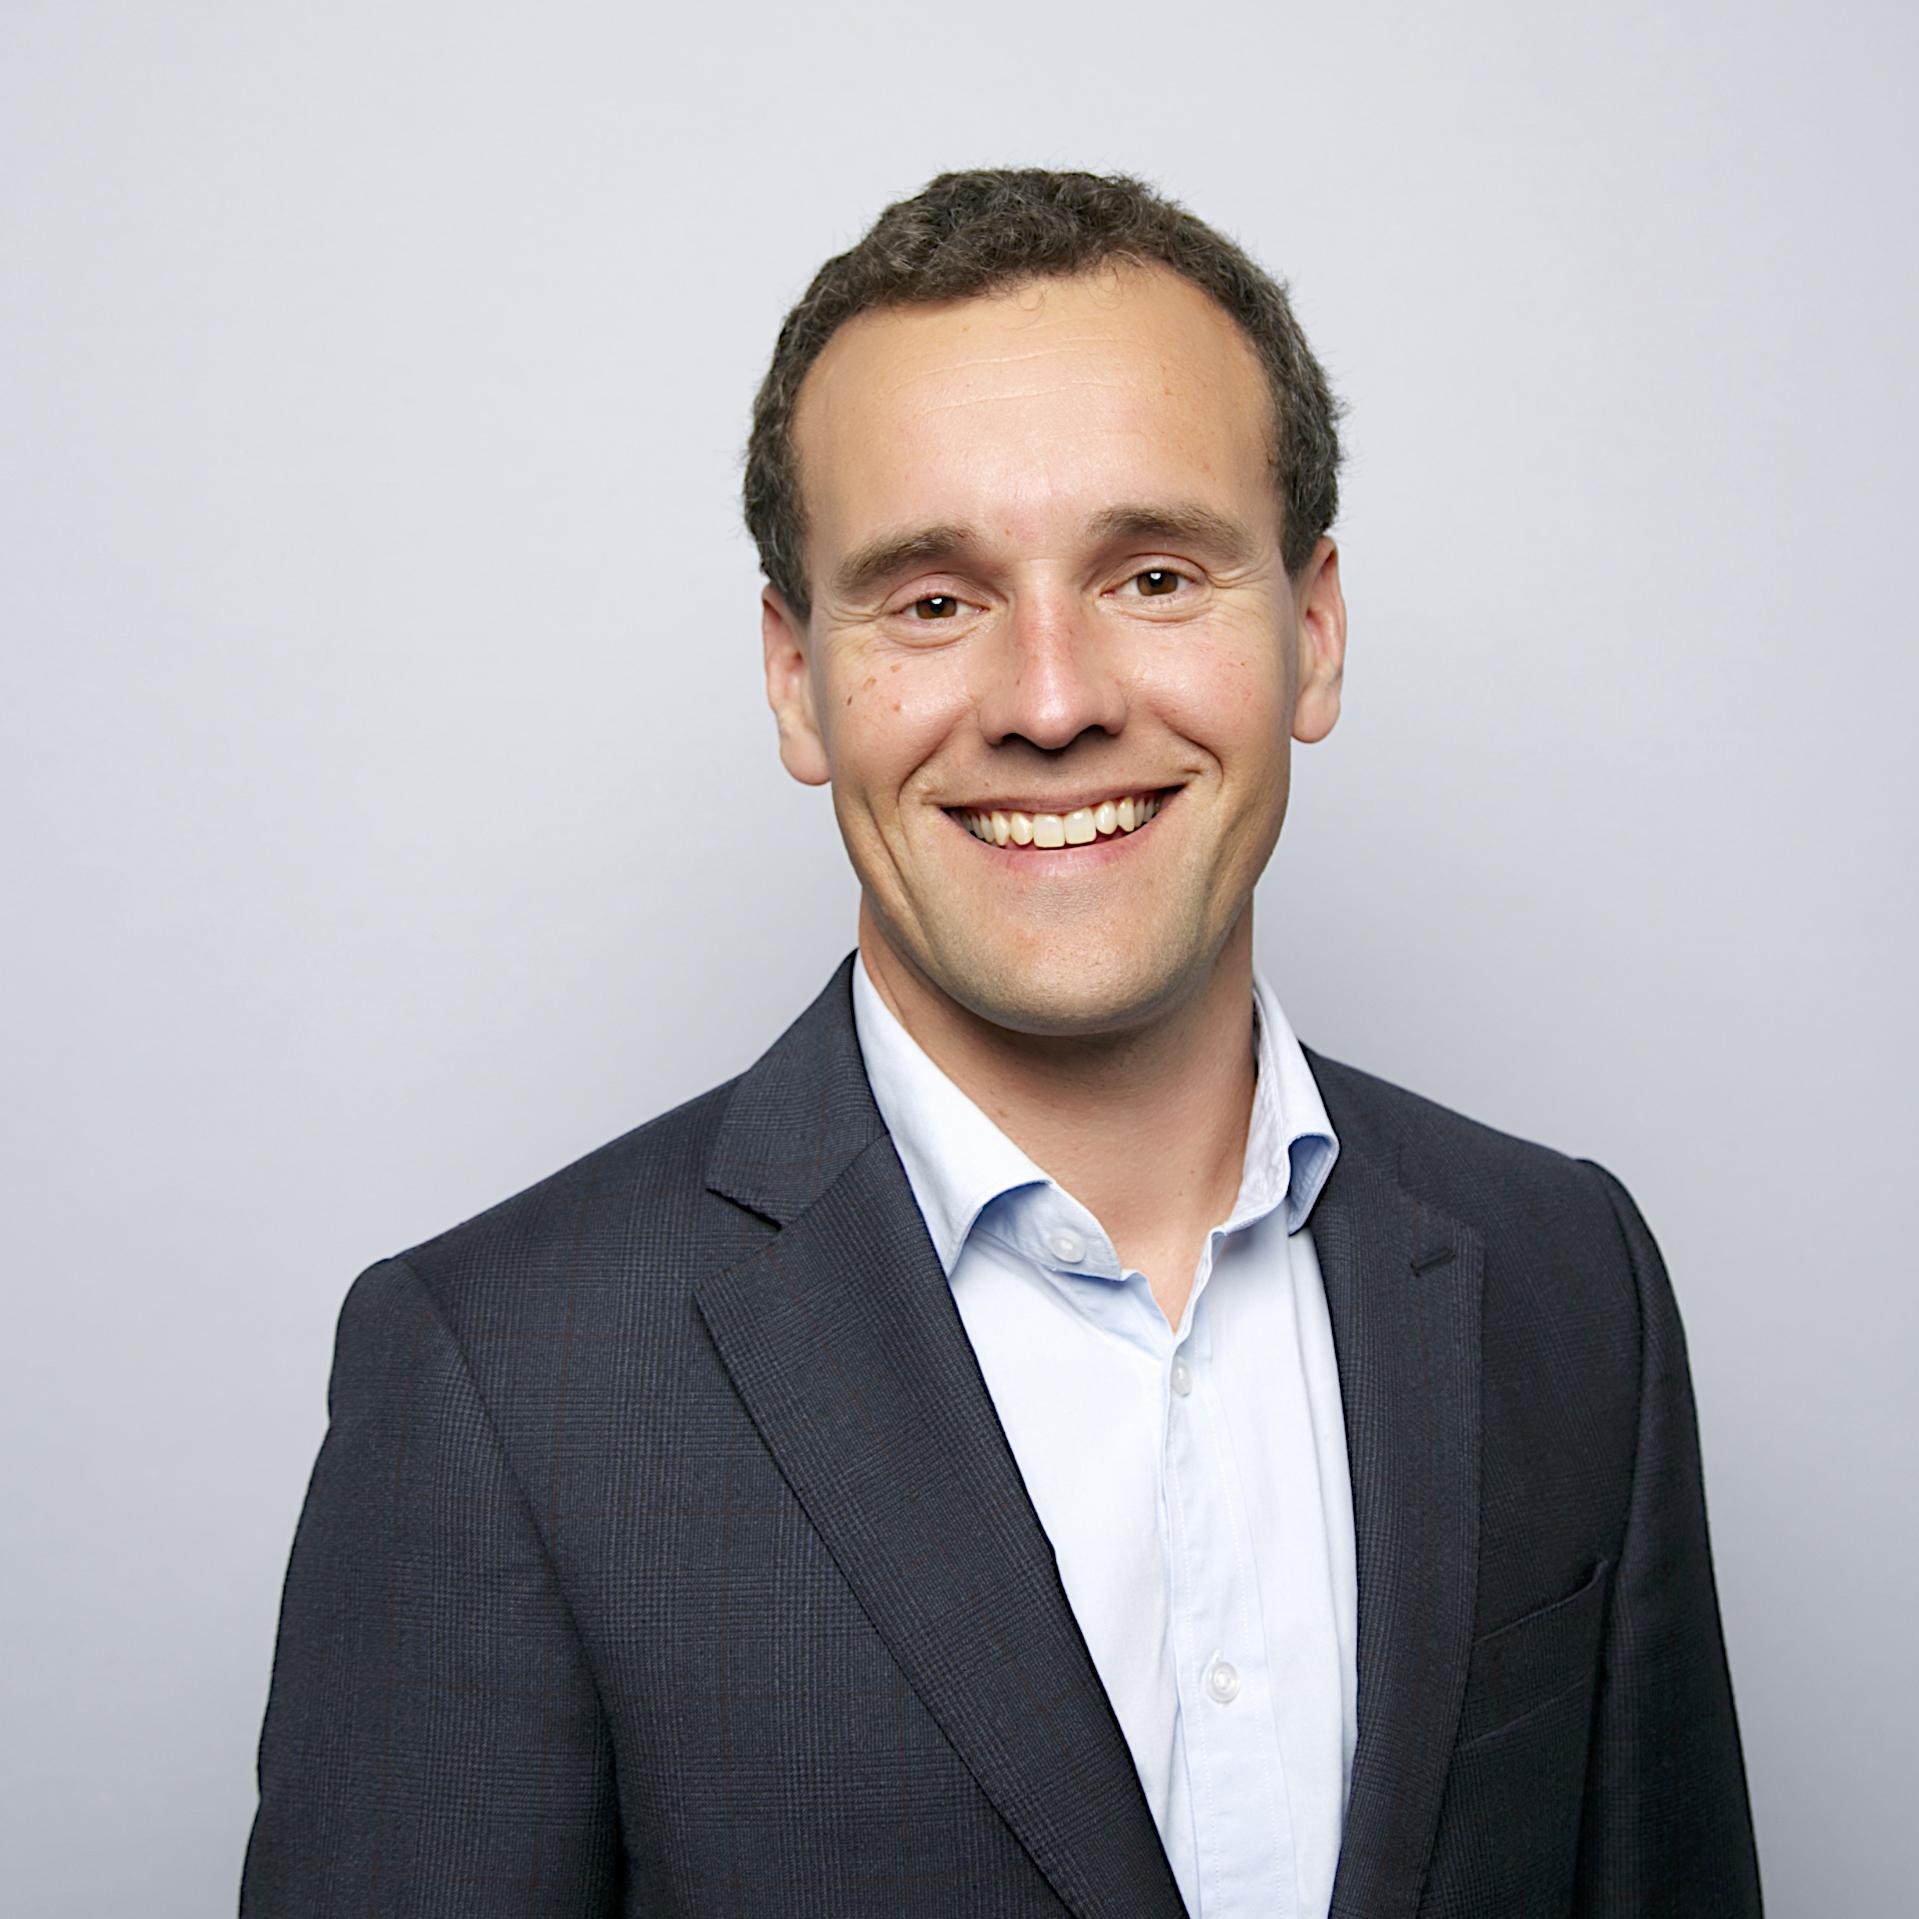 Derek Le Marchant, CPM